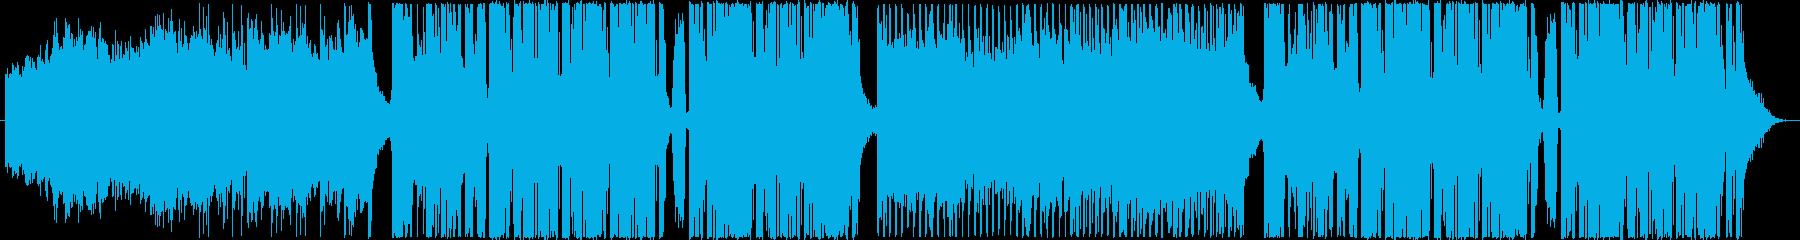 近未来的でシネマティックなBGMの再生済みの波形